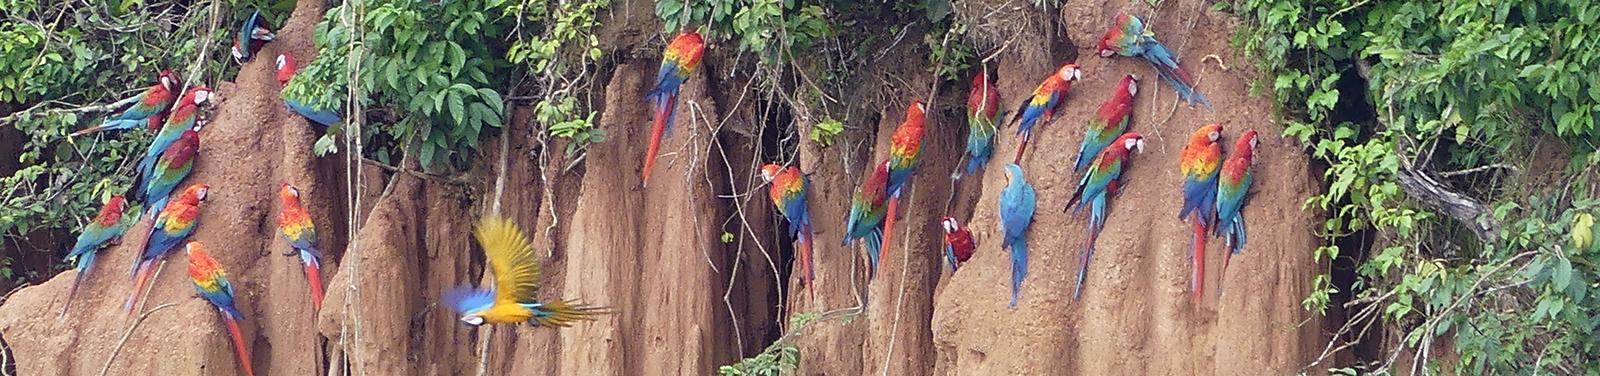 Papageien-Salzlecke, Tambopata, Peru